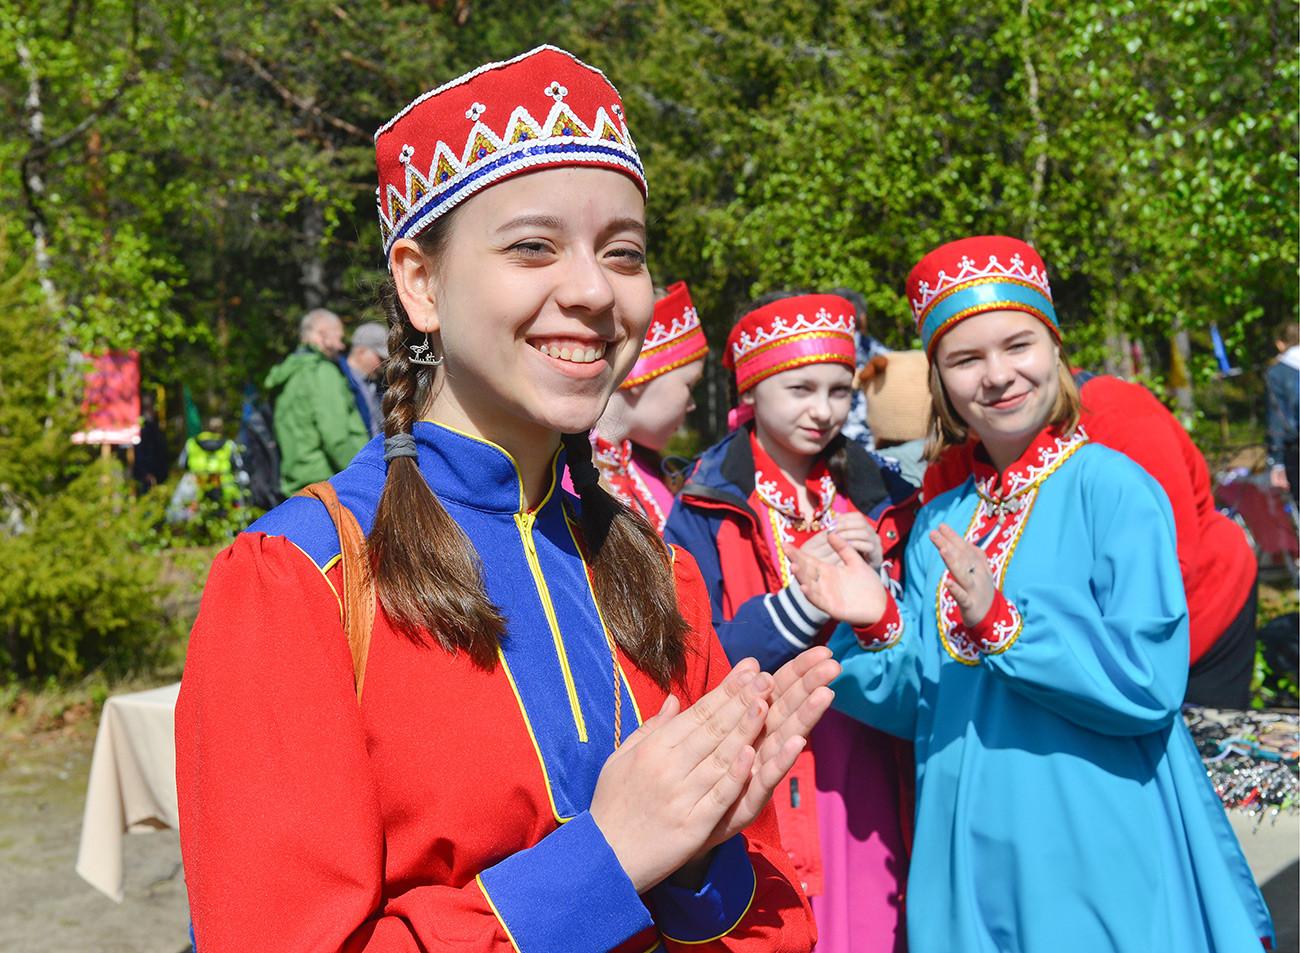 Femmes en costume traditionnel lors des Jeux estivaux samis, à Lovozero